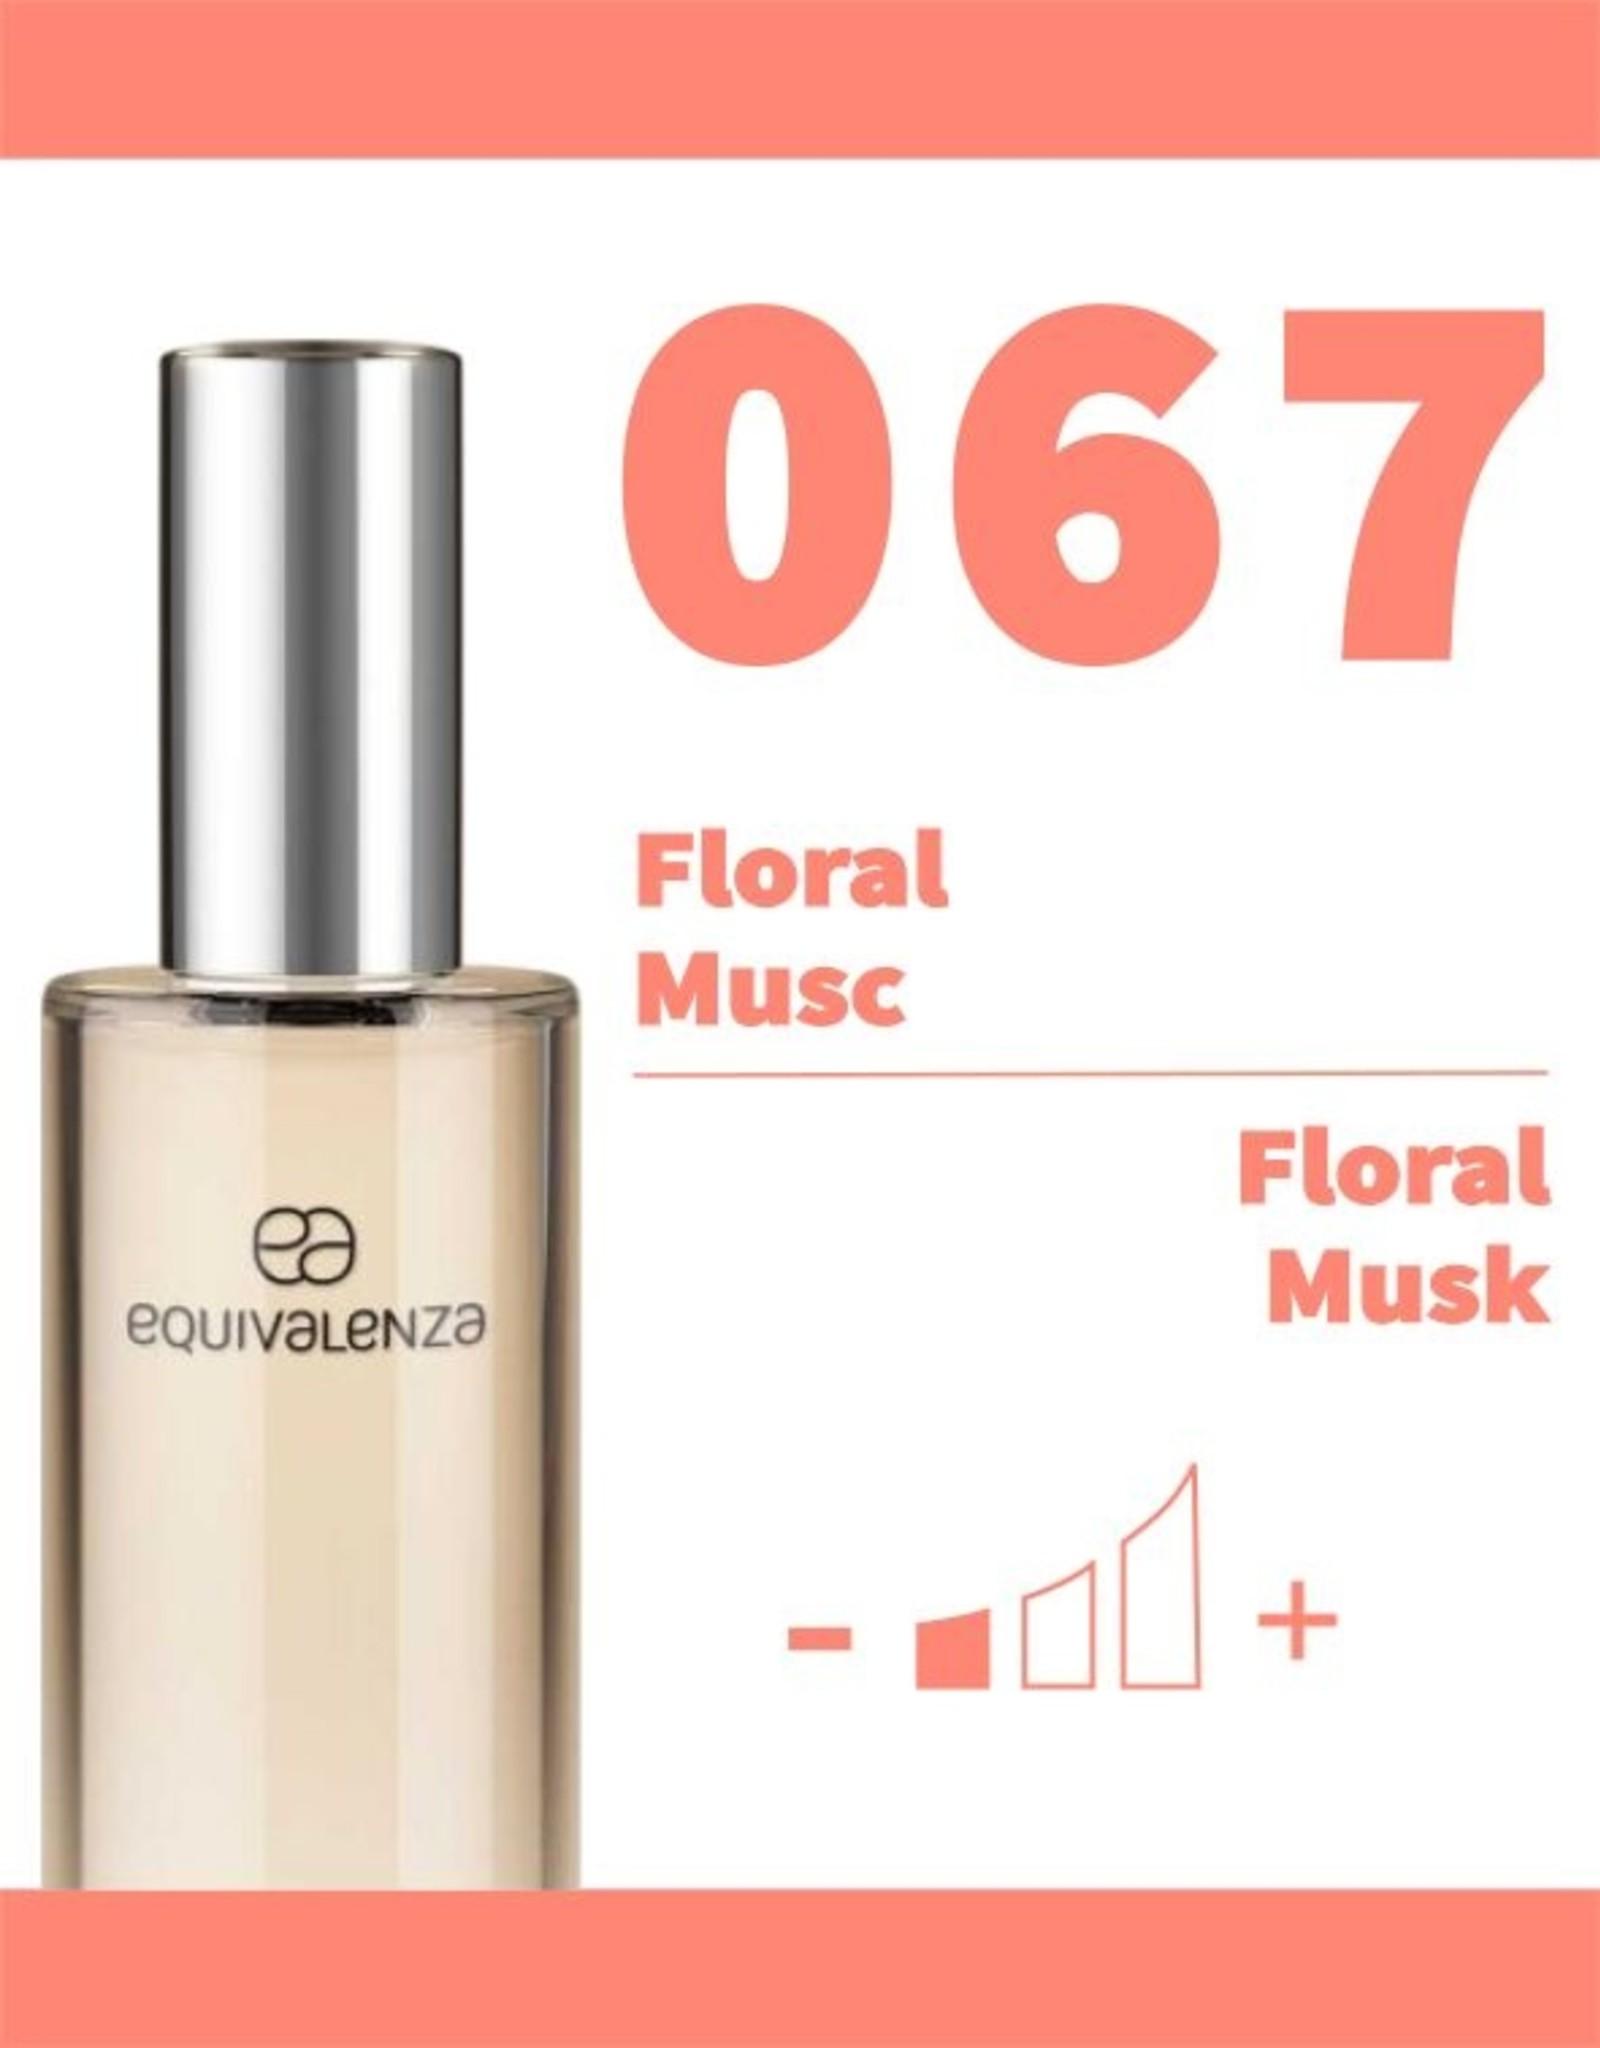 Equivalenza Eau de Toilette Floral Musc 067